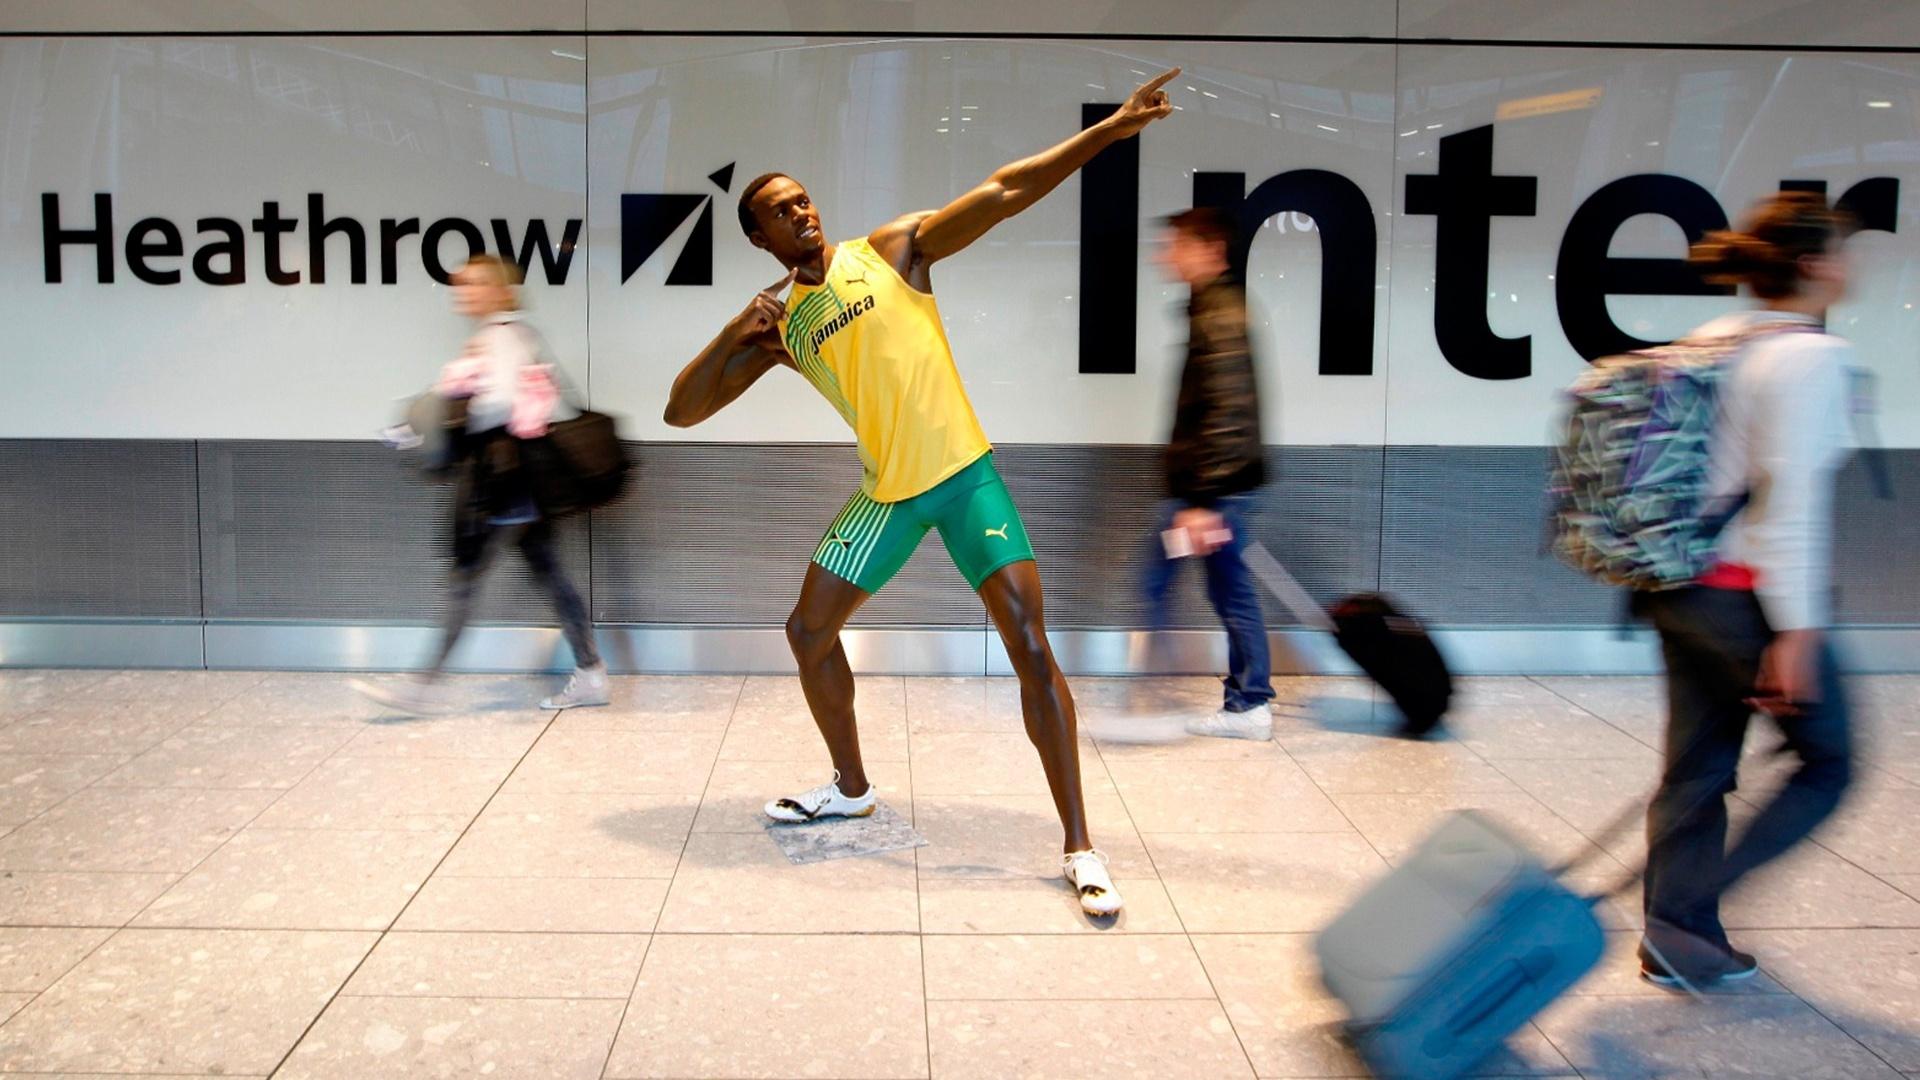 A 15 dias do início dos Jogos Olímpicos, uma estátua de cera do velocista Usain Bolt foi apresentada nesta quinta-feira no aeroporto de Heathrow, em Londres (12/07/2012)